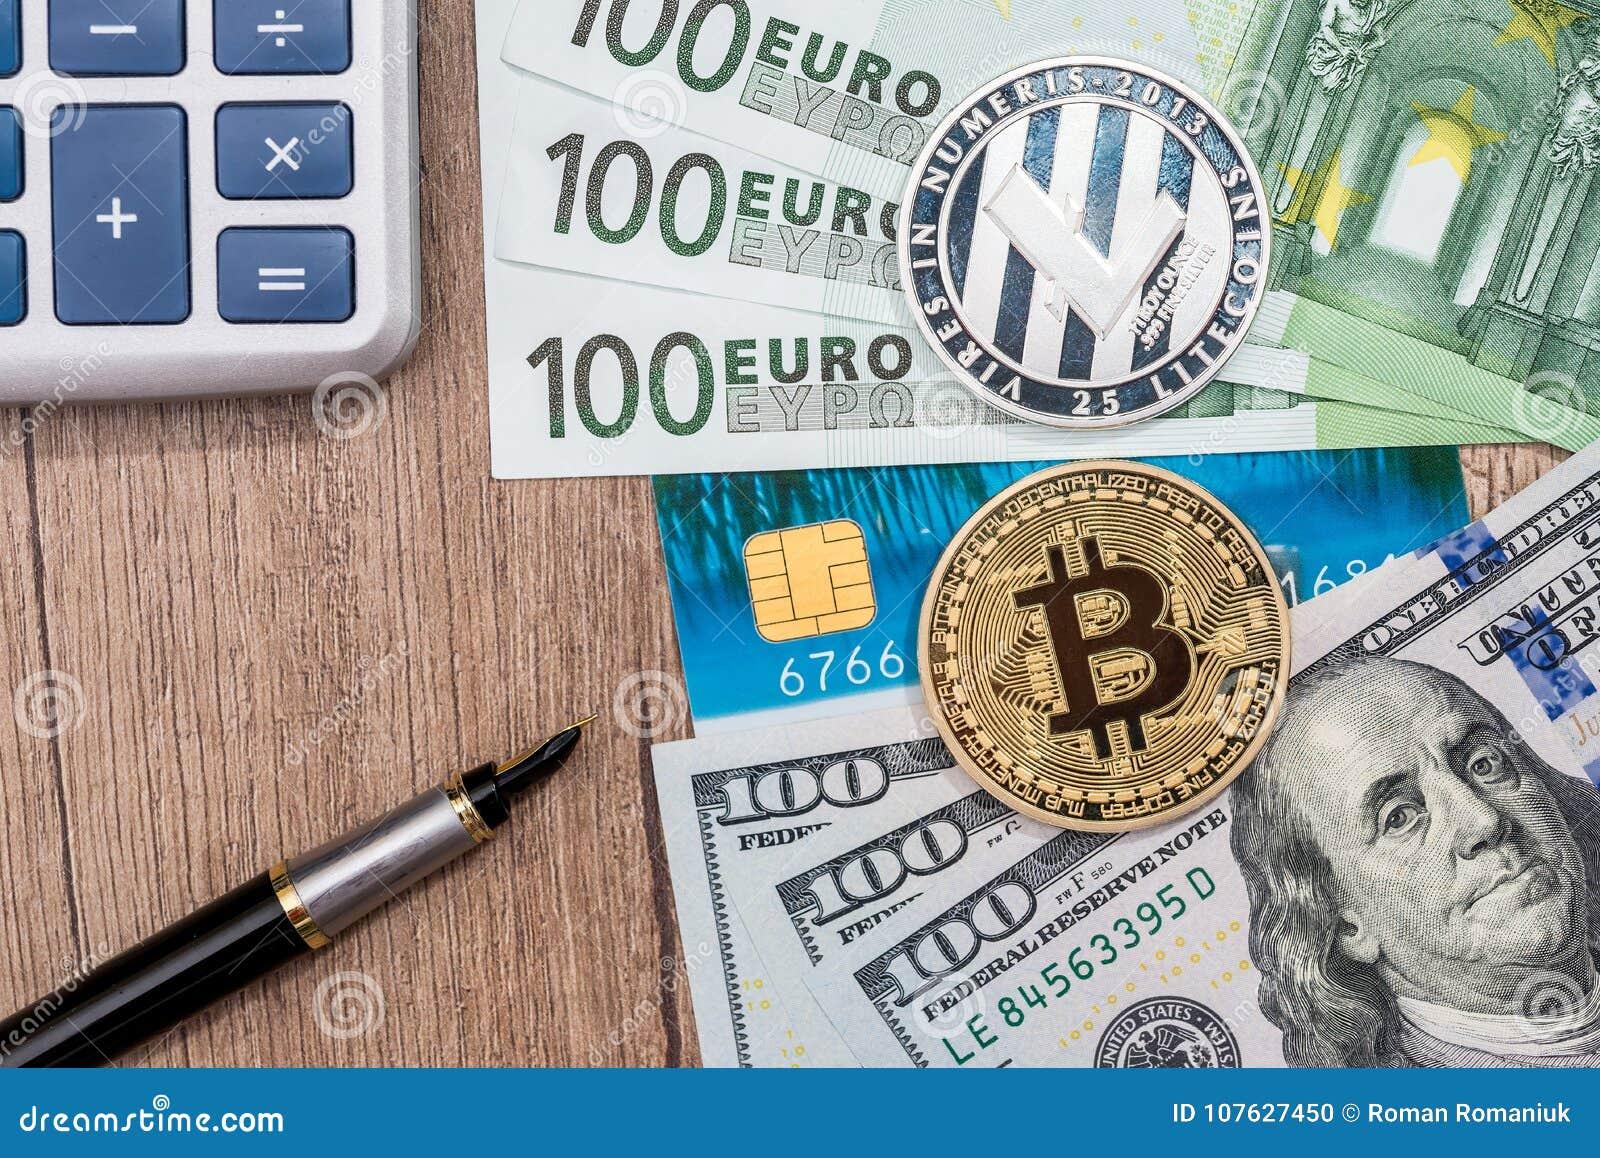 Calcolatore di criptovalute, convertitore di valuta digitale